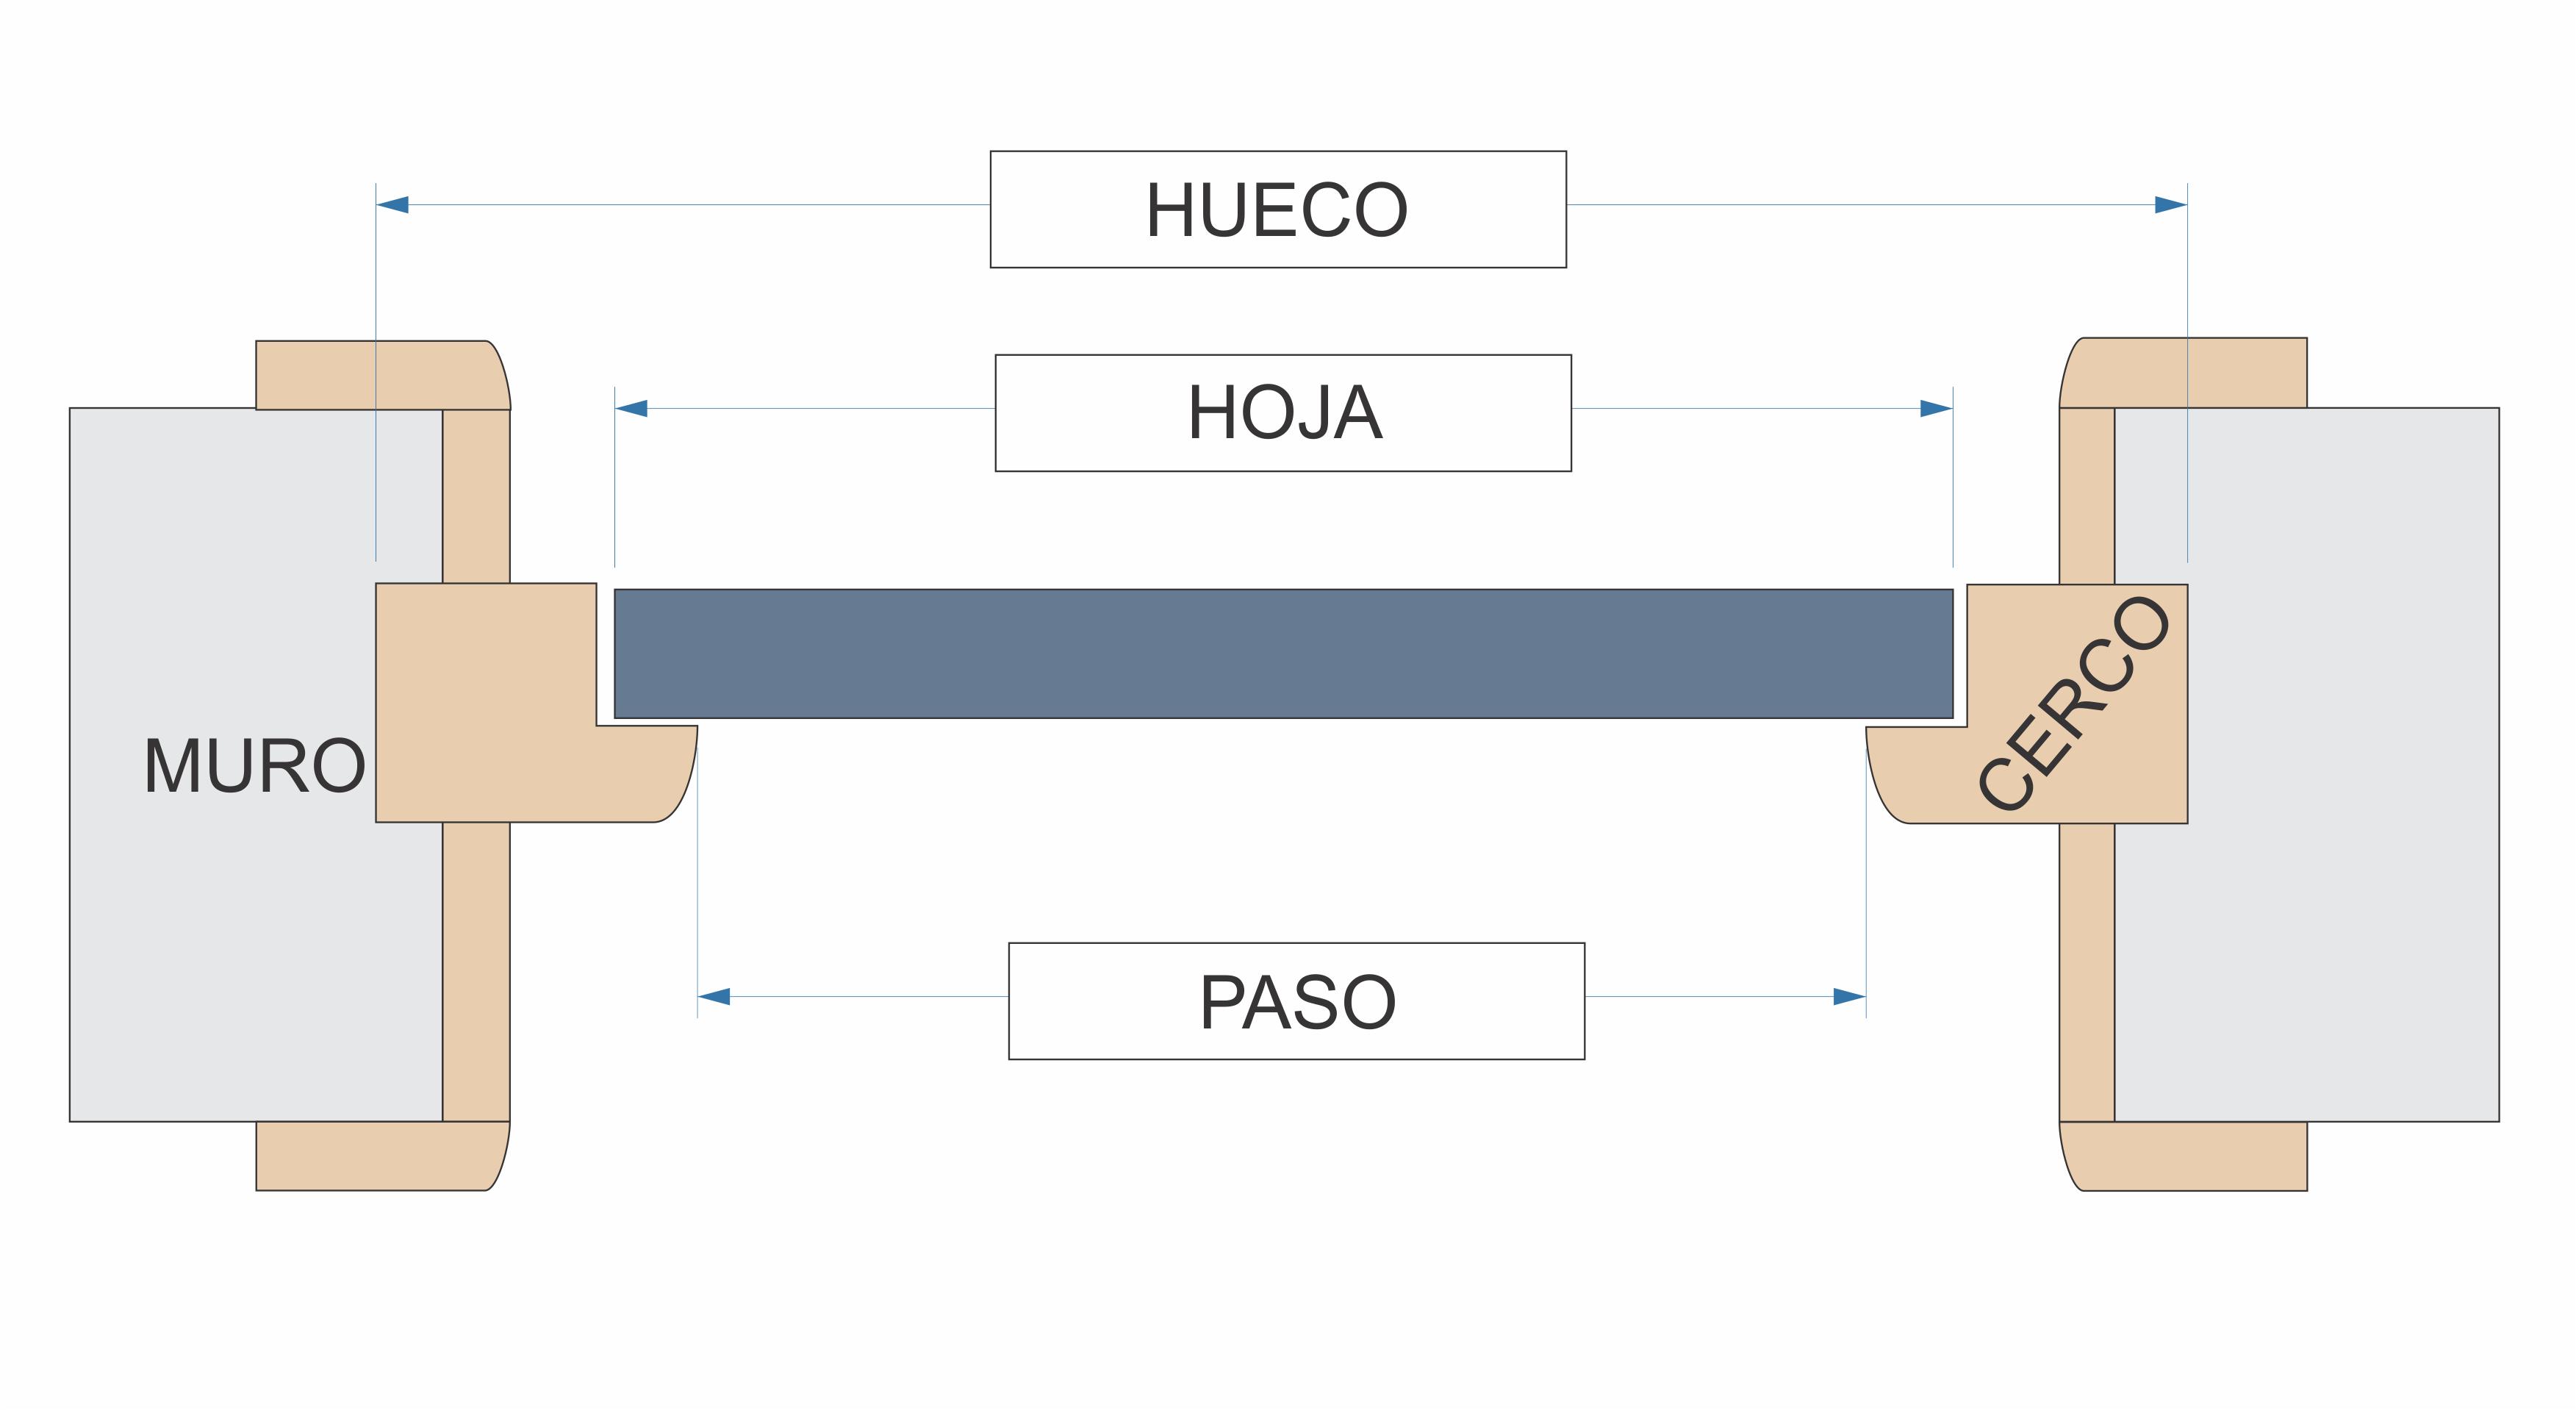 Puertas Medidas Especiales Extensin Trabajamos Medidas Especiales  ~ Medidas Casoneto Puerta Corredera